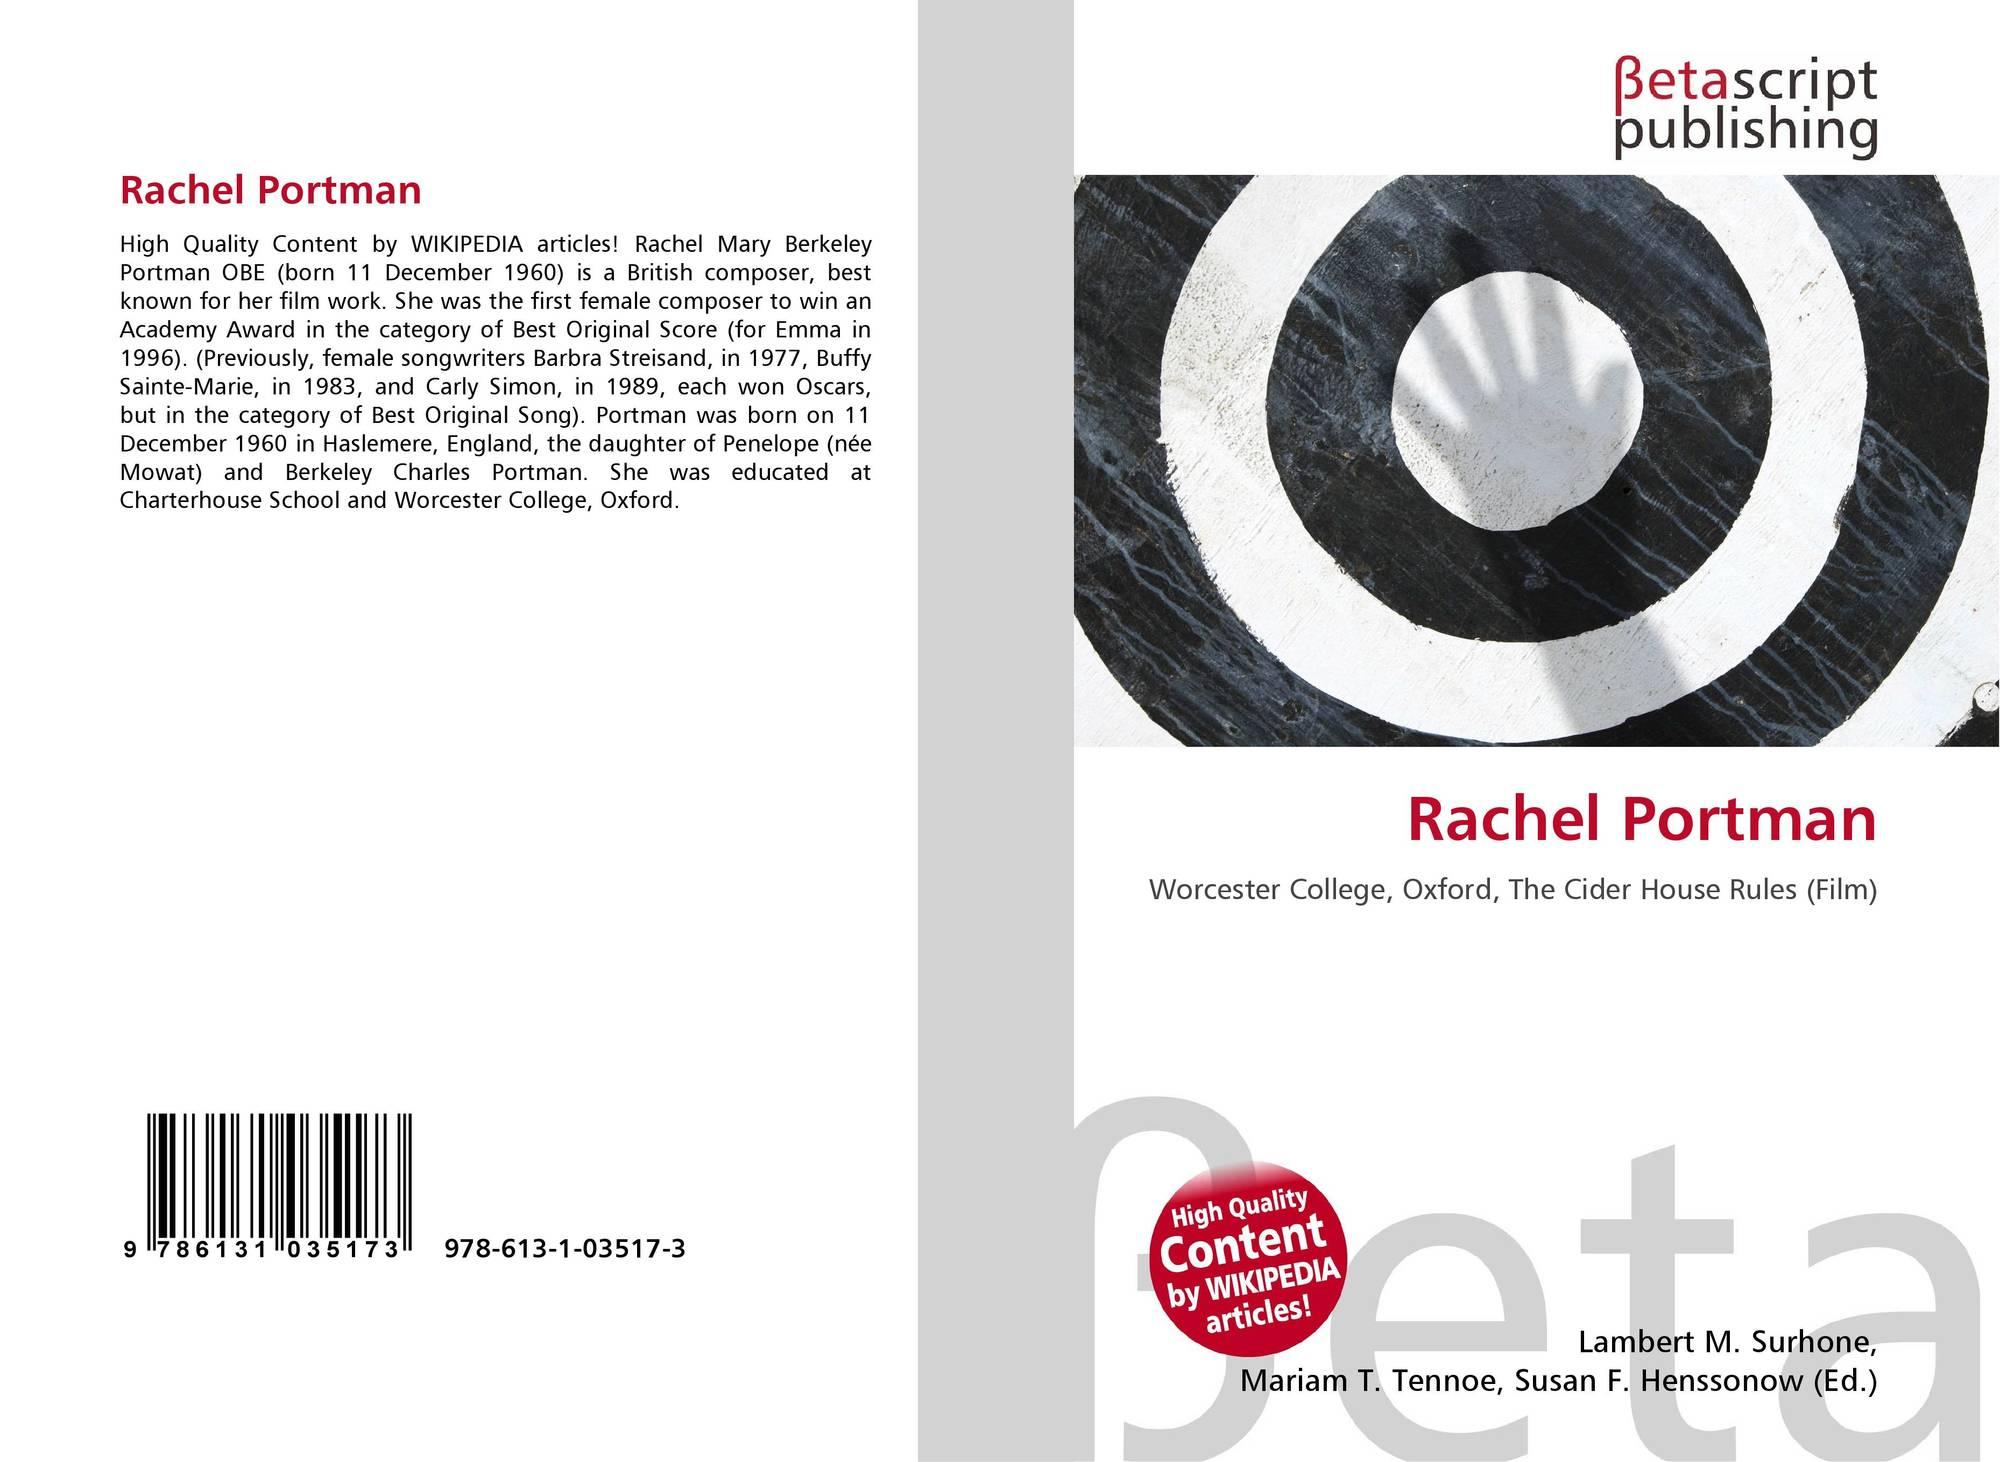 Rachel Portman, 978-613-1-03517-3, 6131035172 ,9786131035173